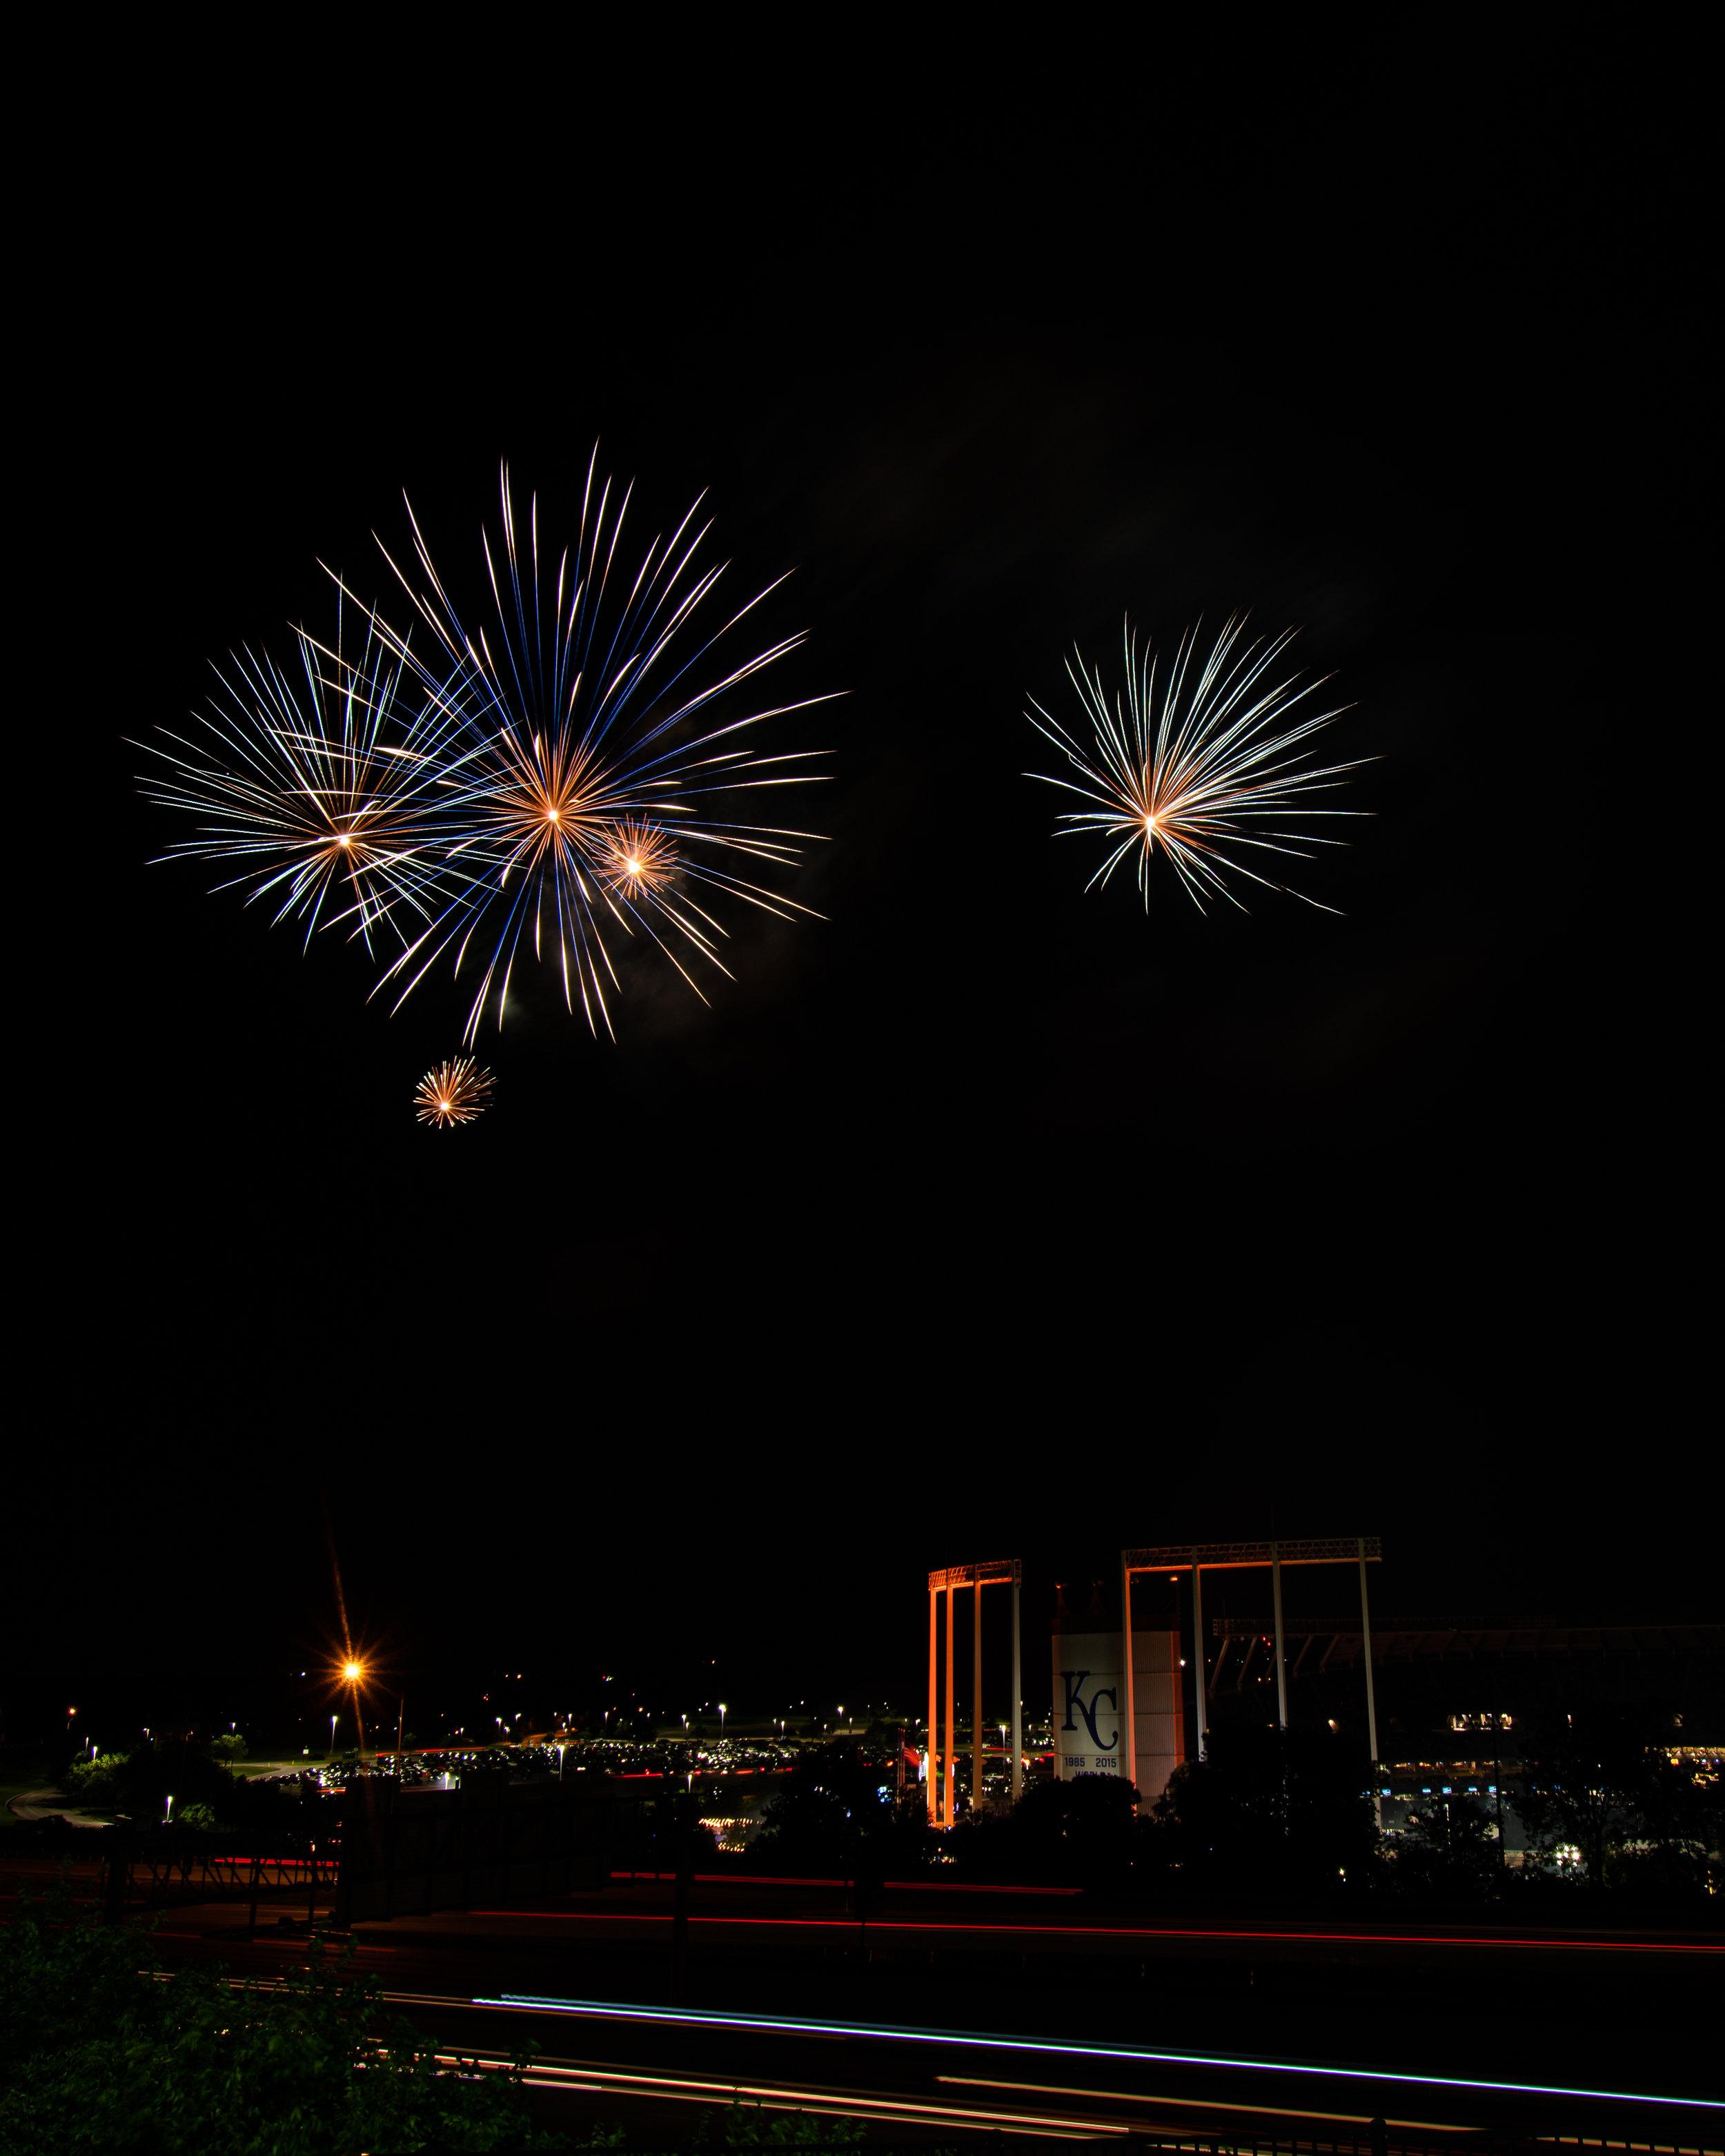 firework-friday-17-of-51_48108323018_o.jpg